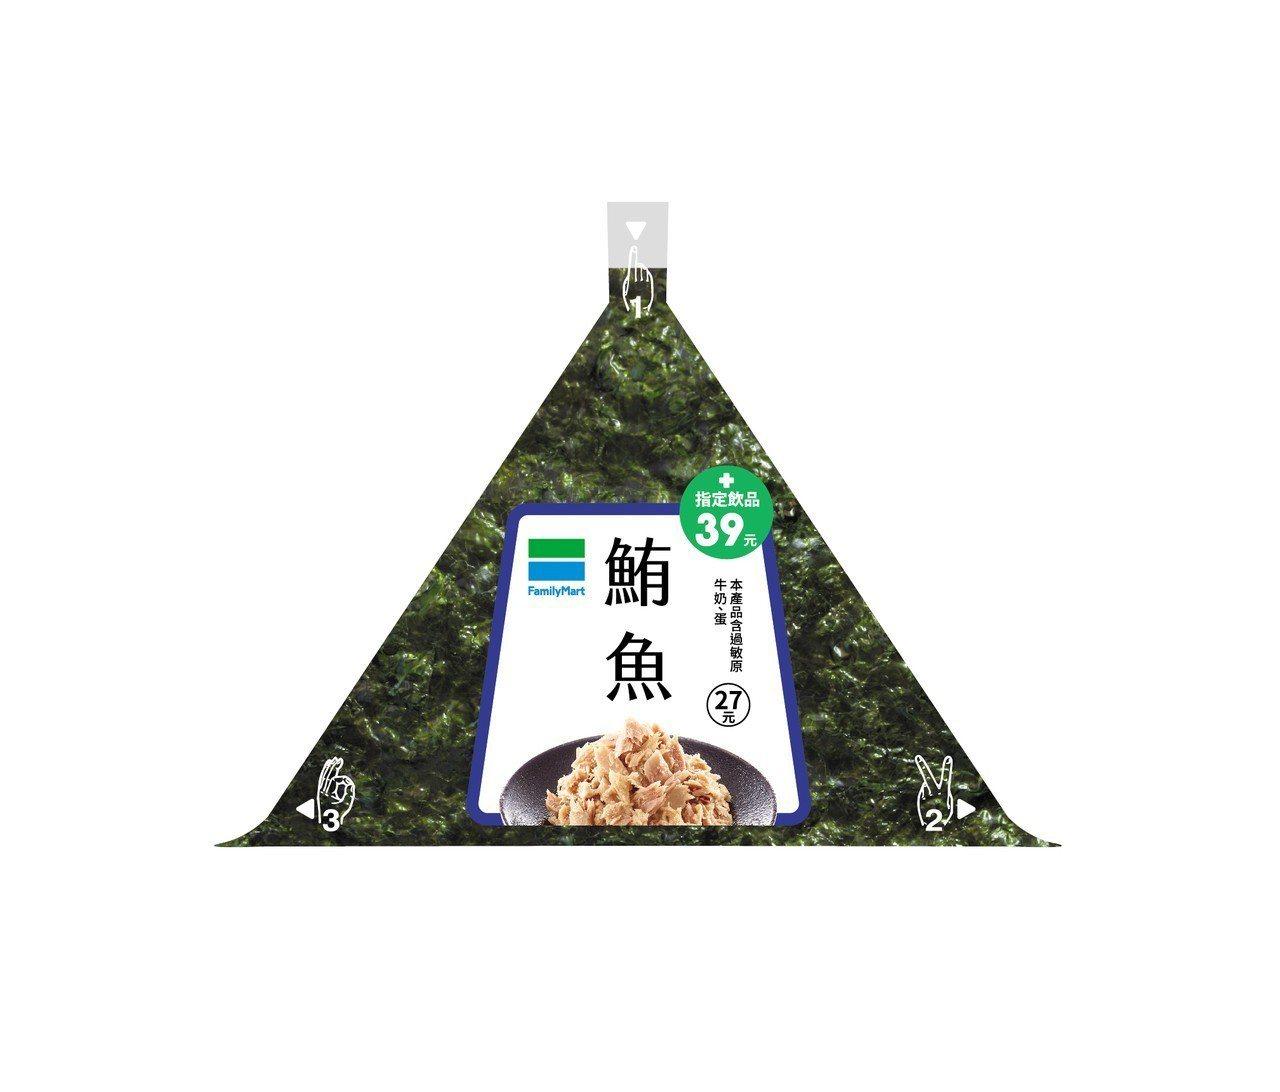 全家便利商店鮪魚飯糰採用具纖維感的高等級鮪魚,並加入洋蔥增加鮮甜。圖/全家便利商...